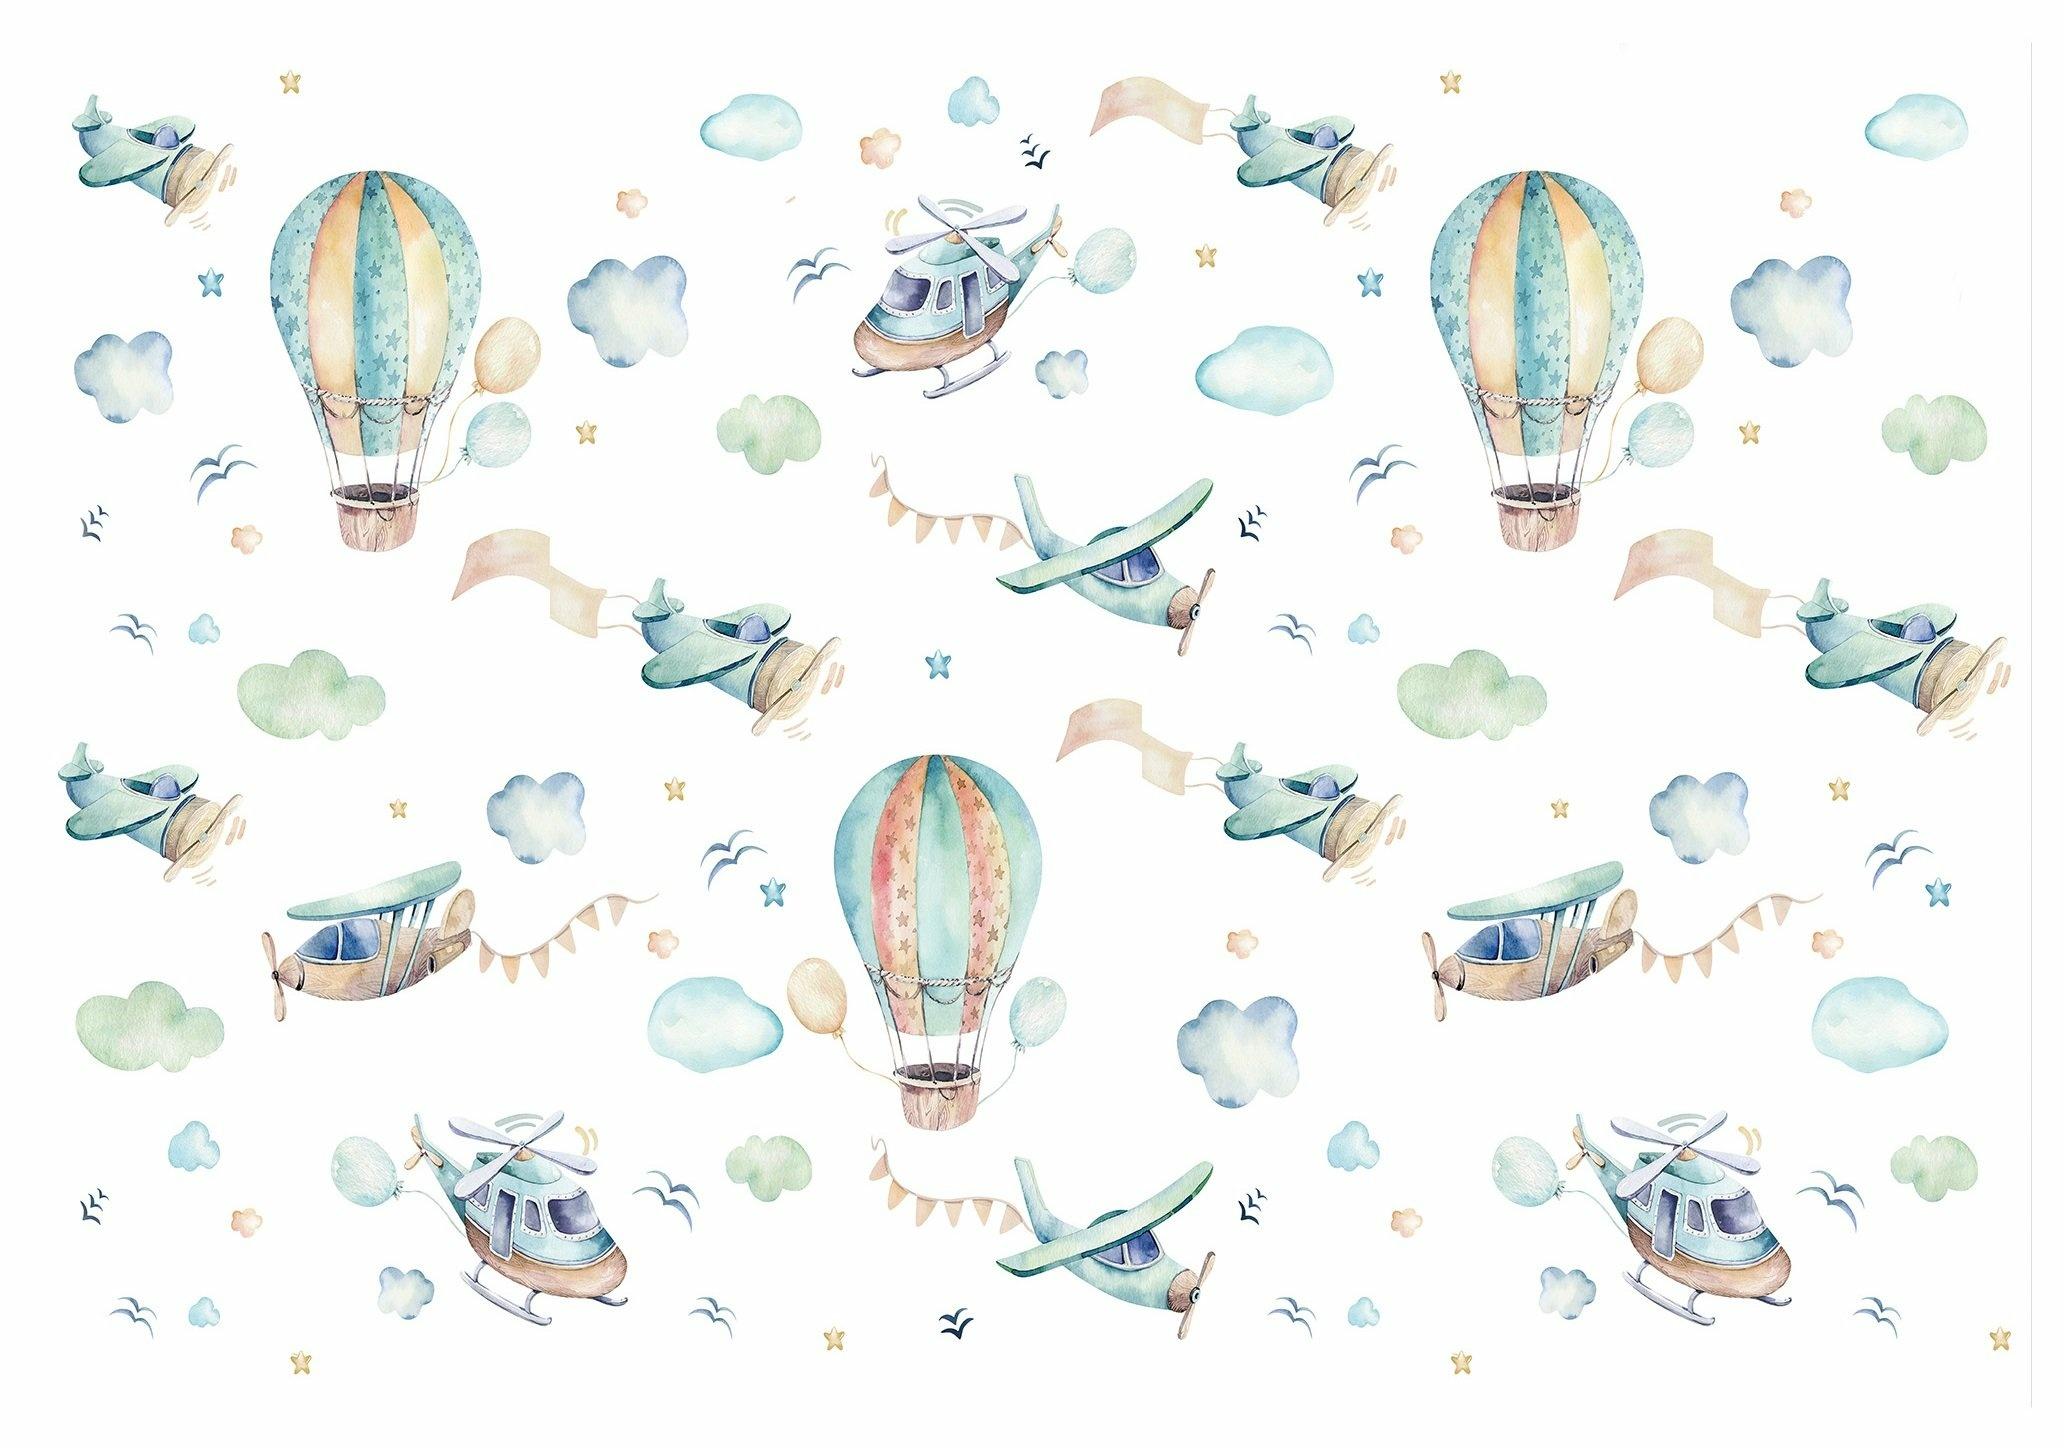 Fototapeta dziecięca skandynawska balony